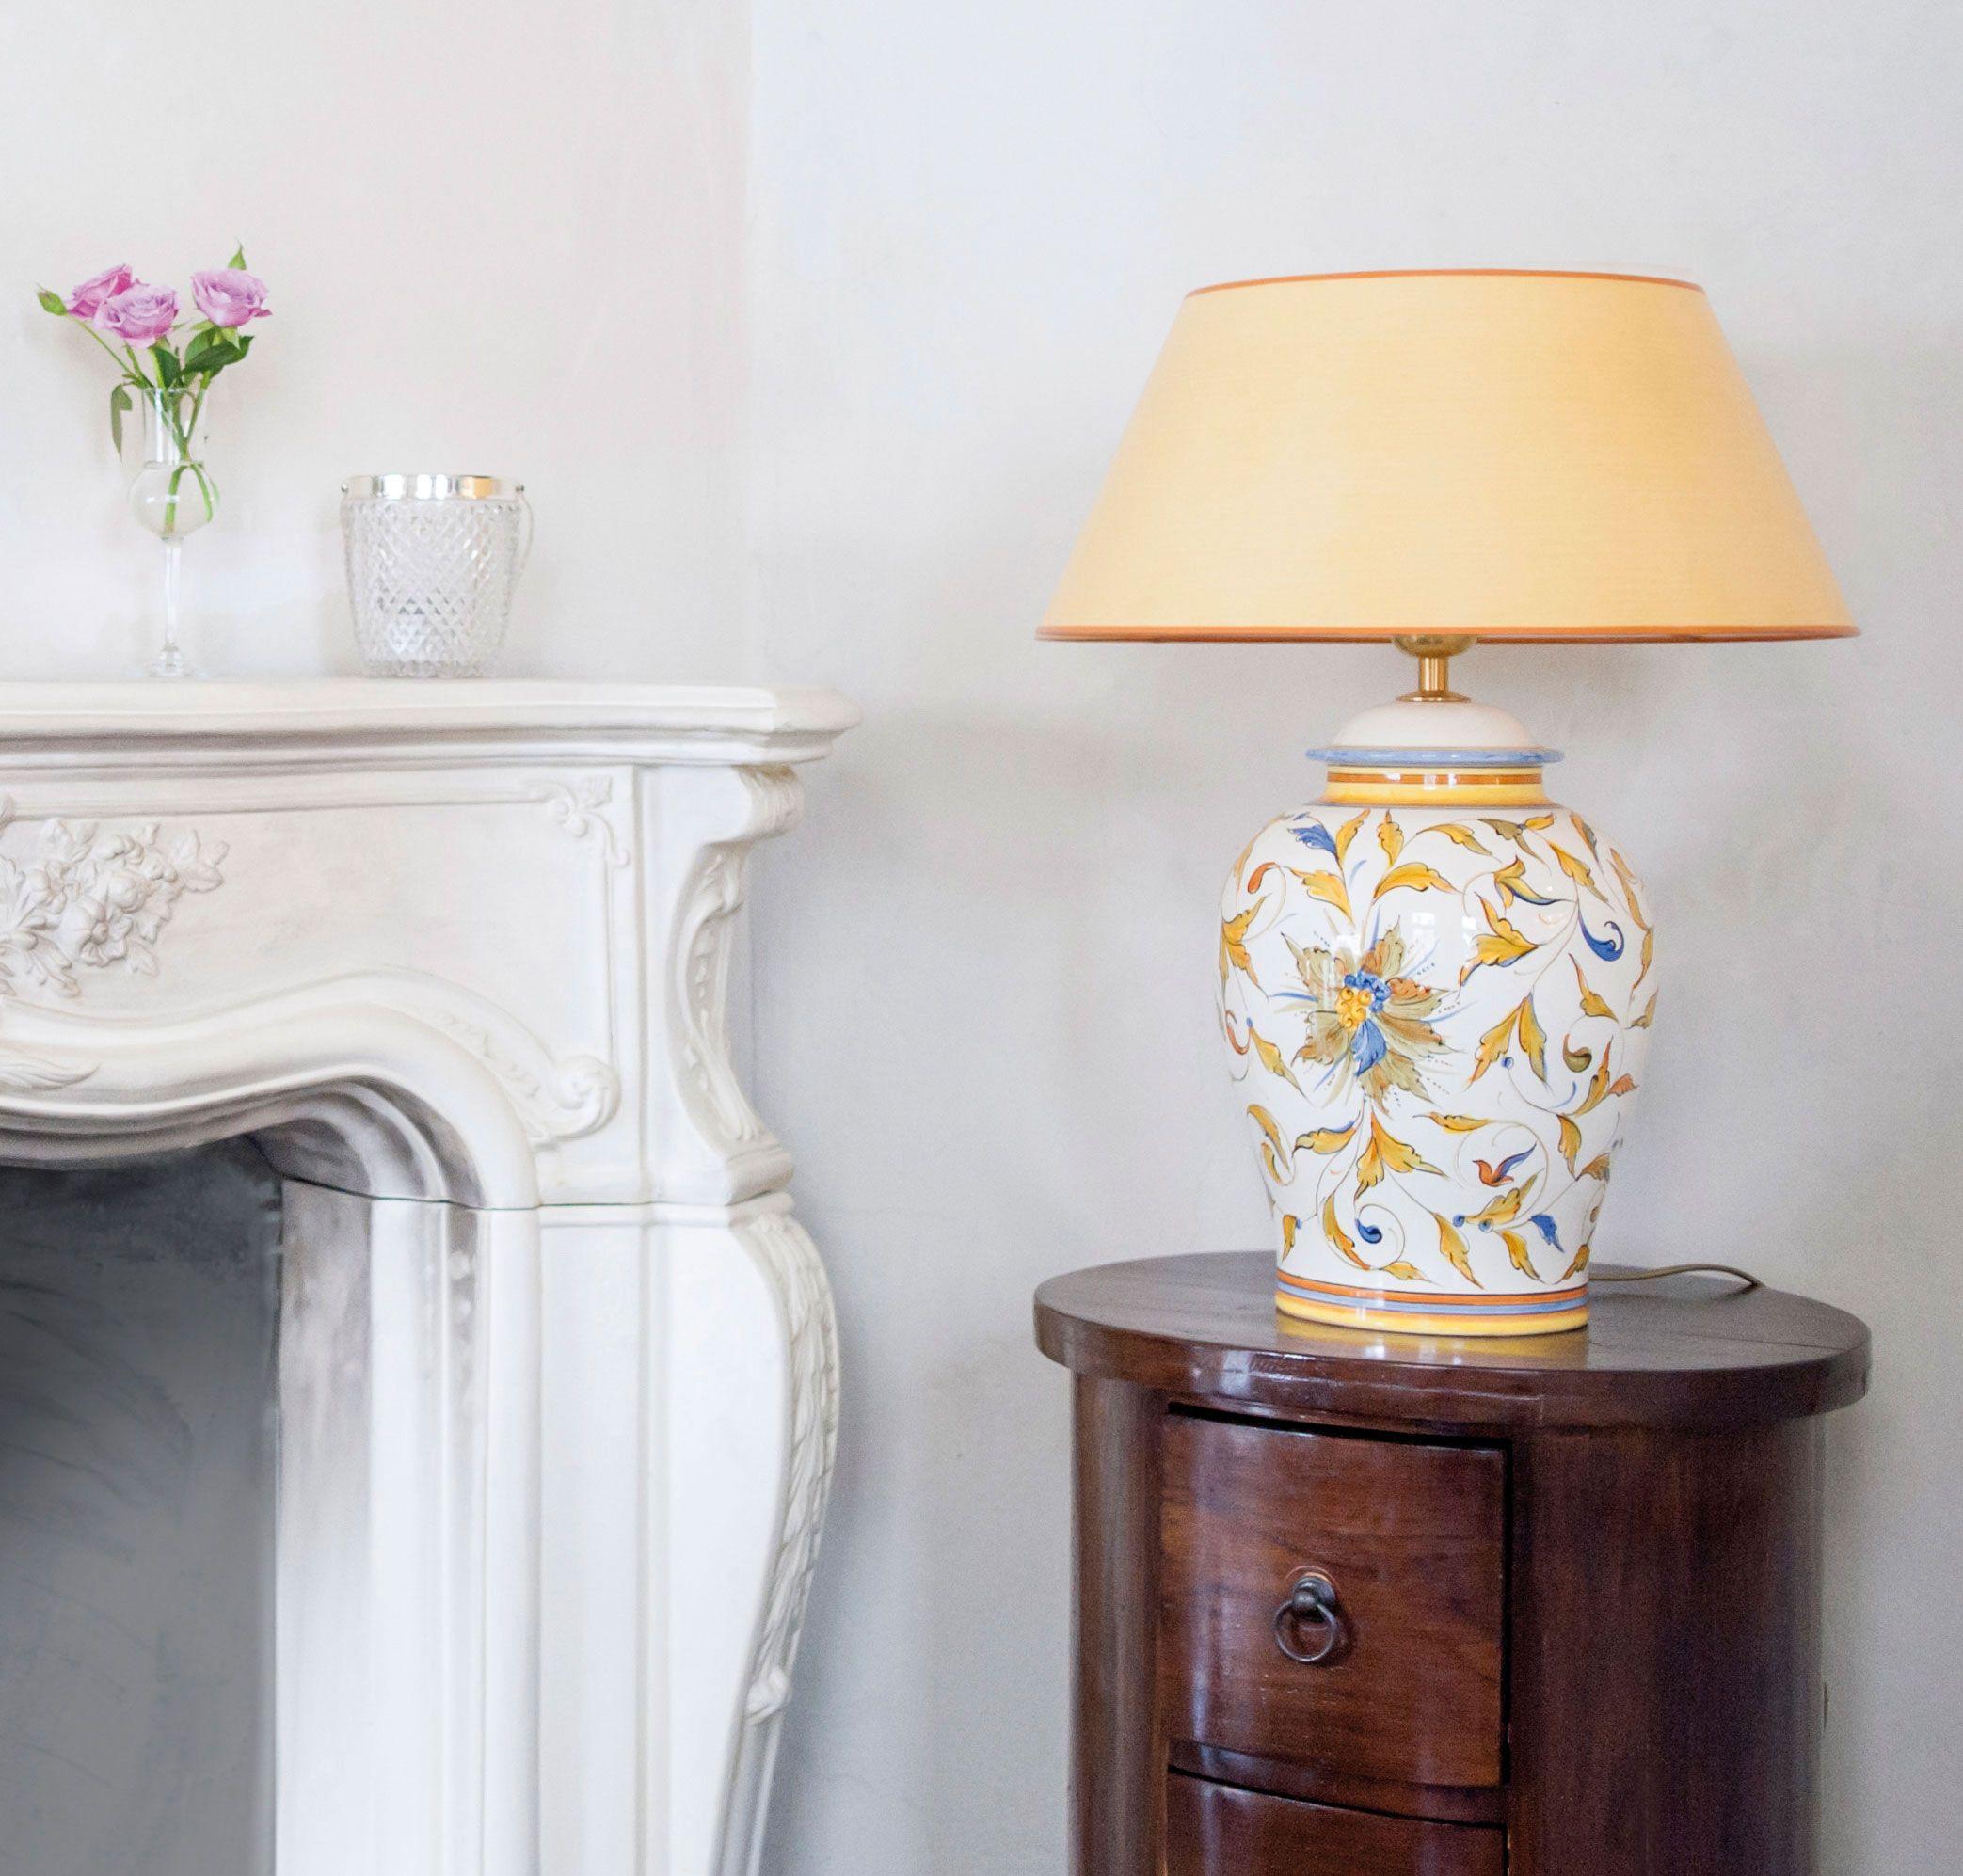 Tischlampe Raffaello Potpourri Mit Gelbem Strichlackschirm Verschiedene Grossen Tischlampen Lampe Lampen